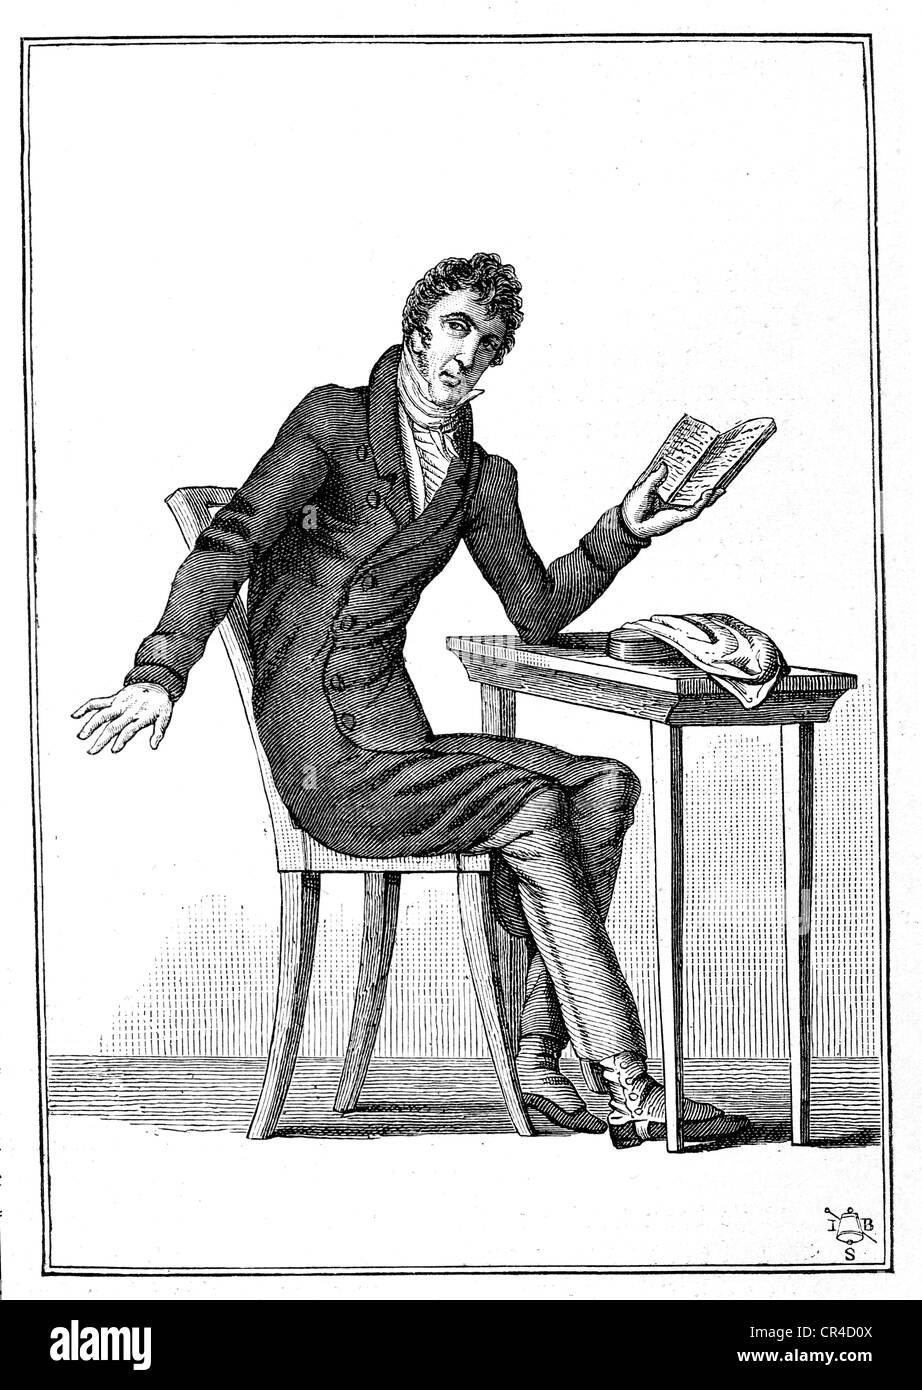 Zacharias Werner (1768-1823), poet, dramatist, steel engraving, before 1880 - Stock Image